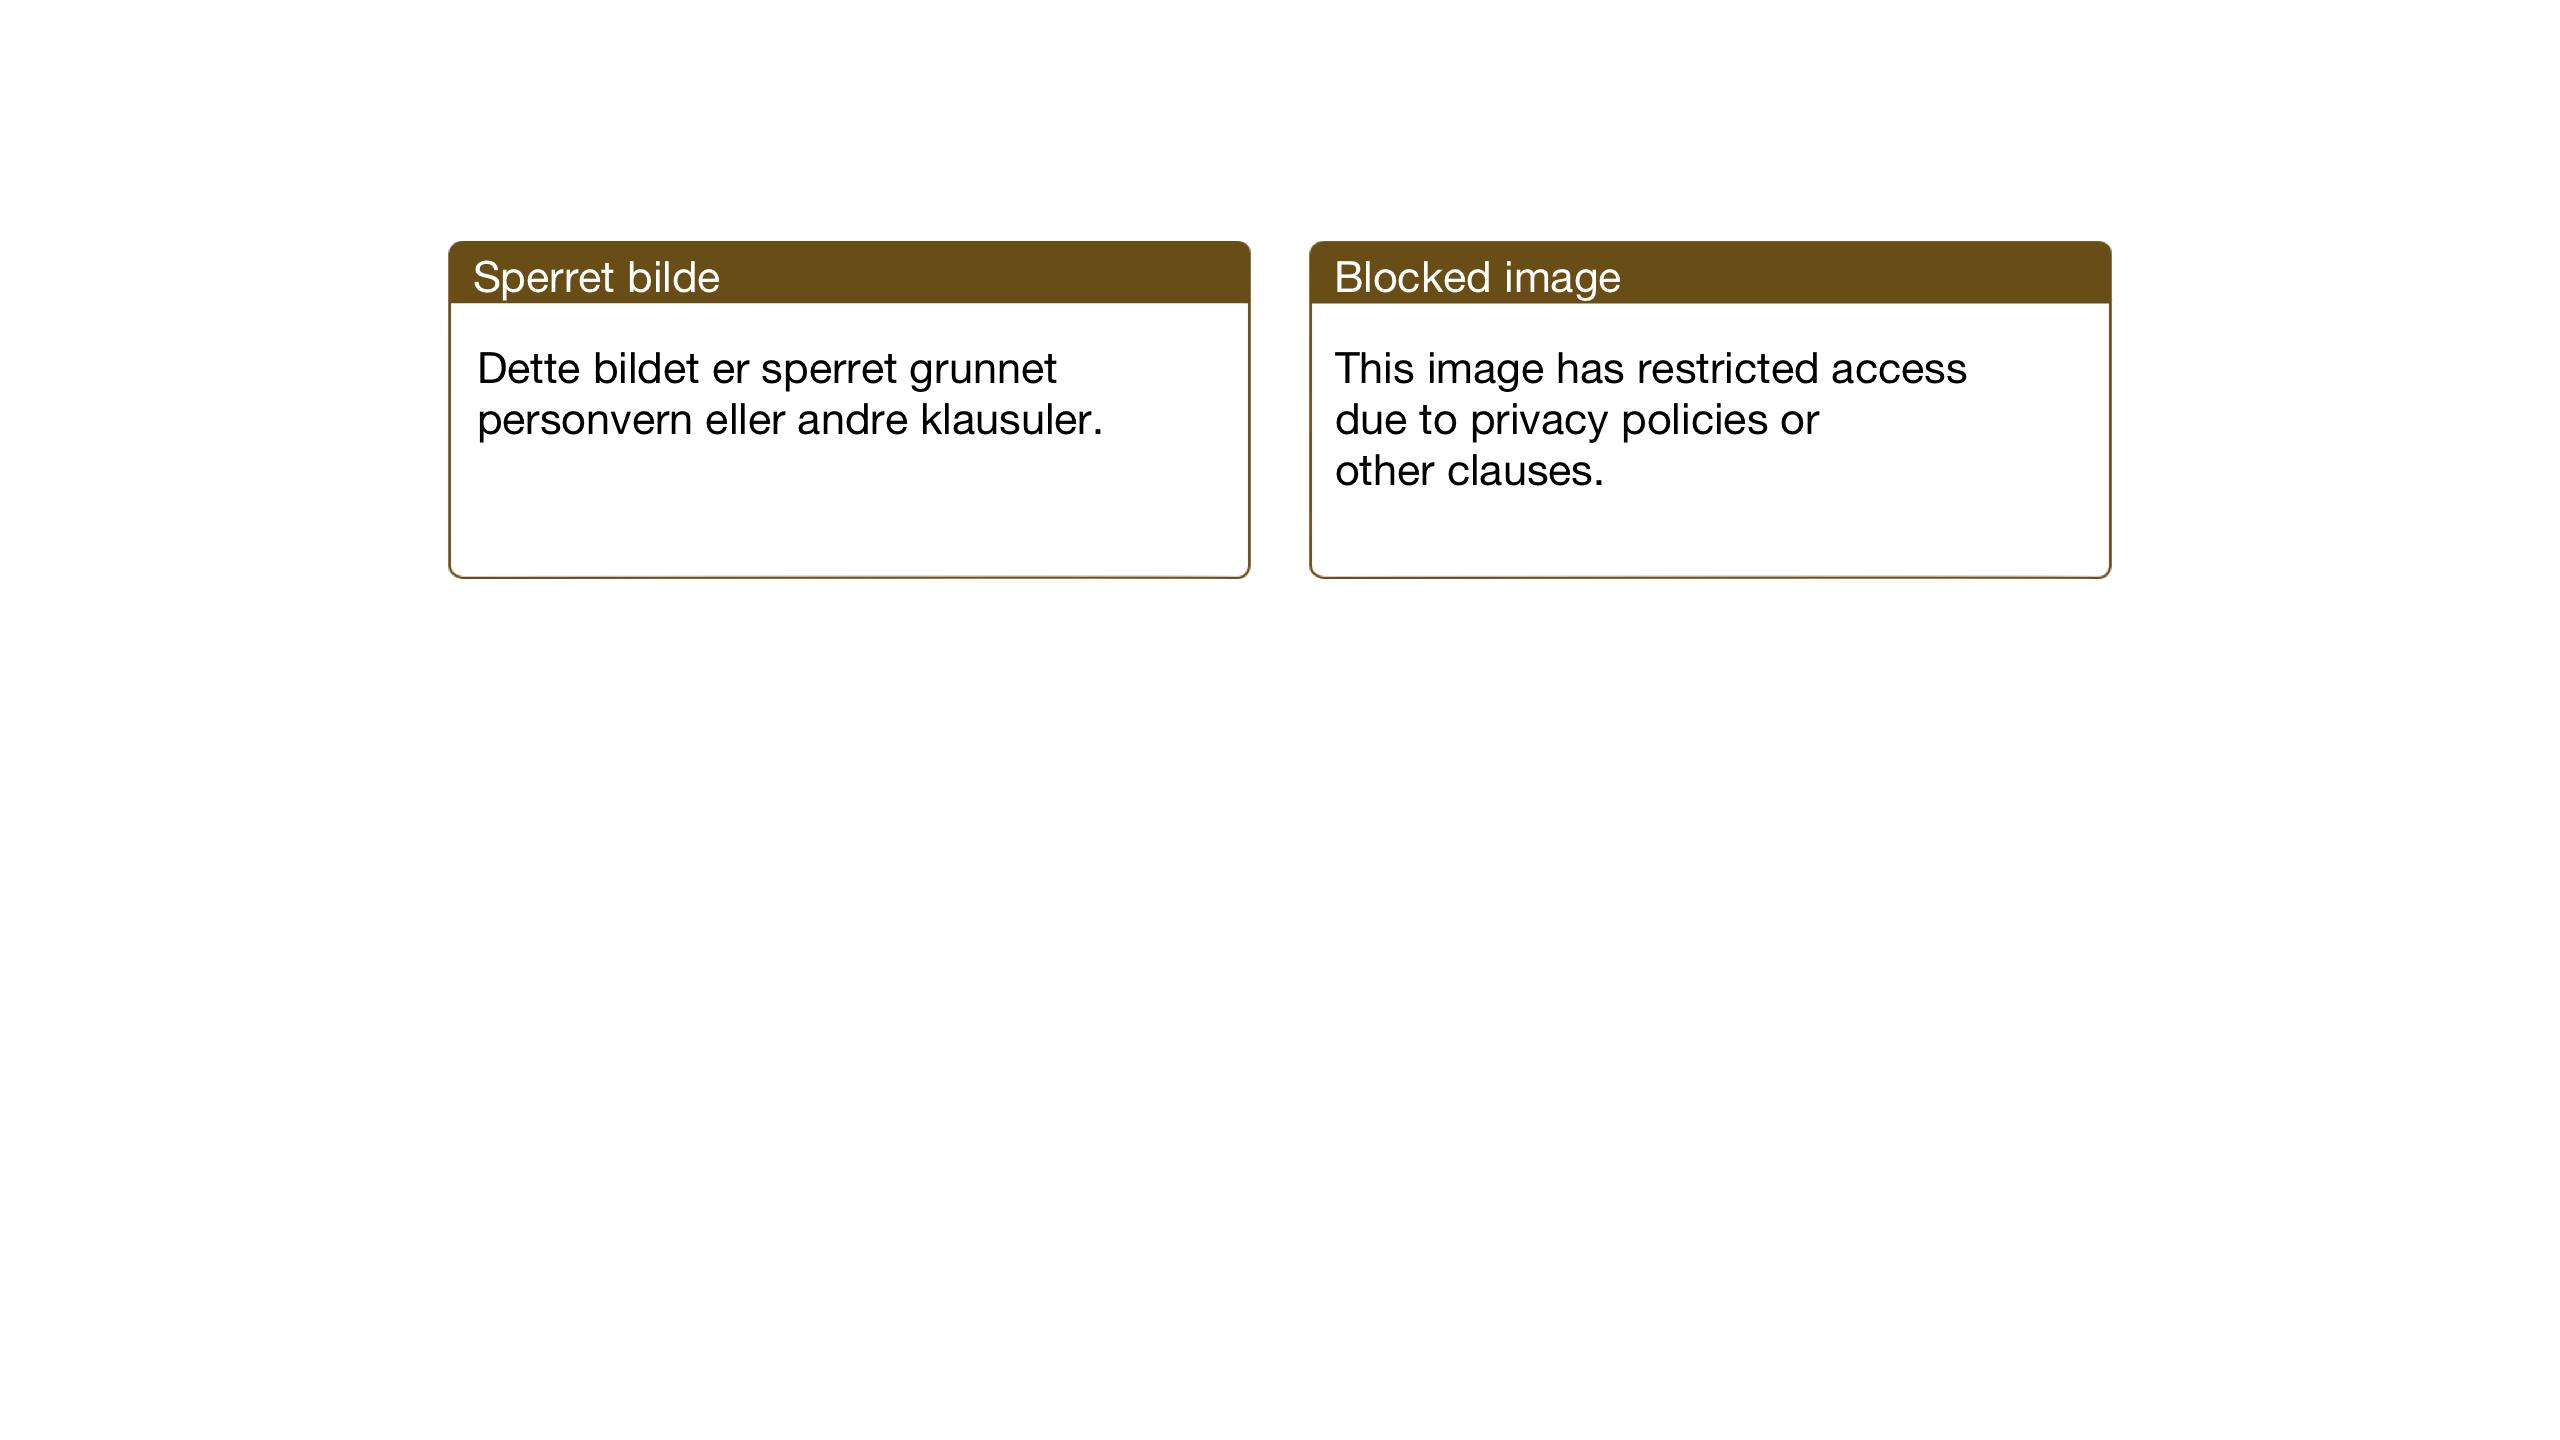 SAT, Ministerialprotokoller, klokkerbøker og fødselsregistre - Sør-Trøndelag, 640/L0590: Klokkerbok nr. 640C07, 1935-1948, s. 60